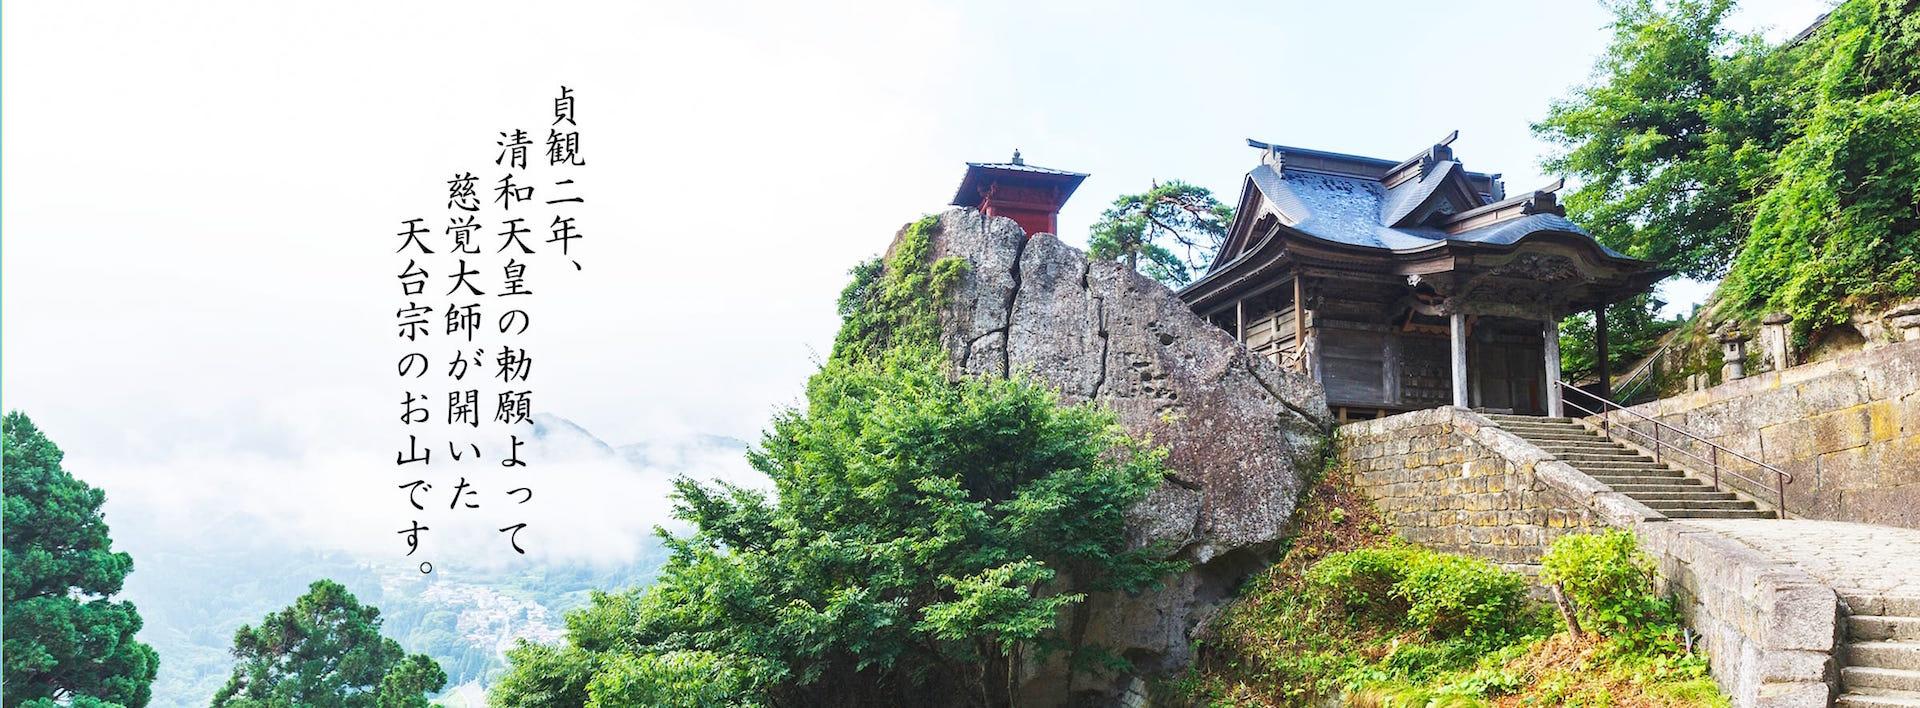 珠寶山立石寺(山寺),圖片取自www.rissyakuji.jp